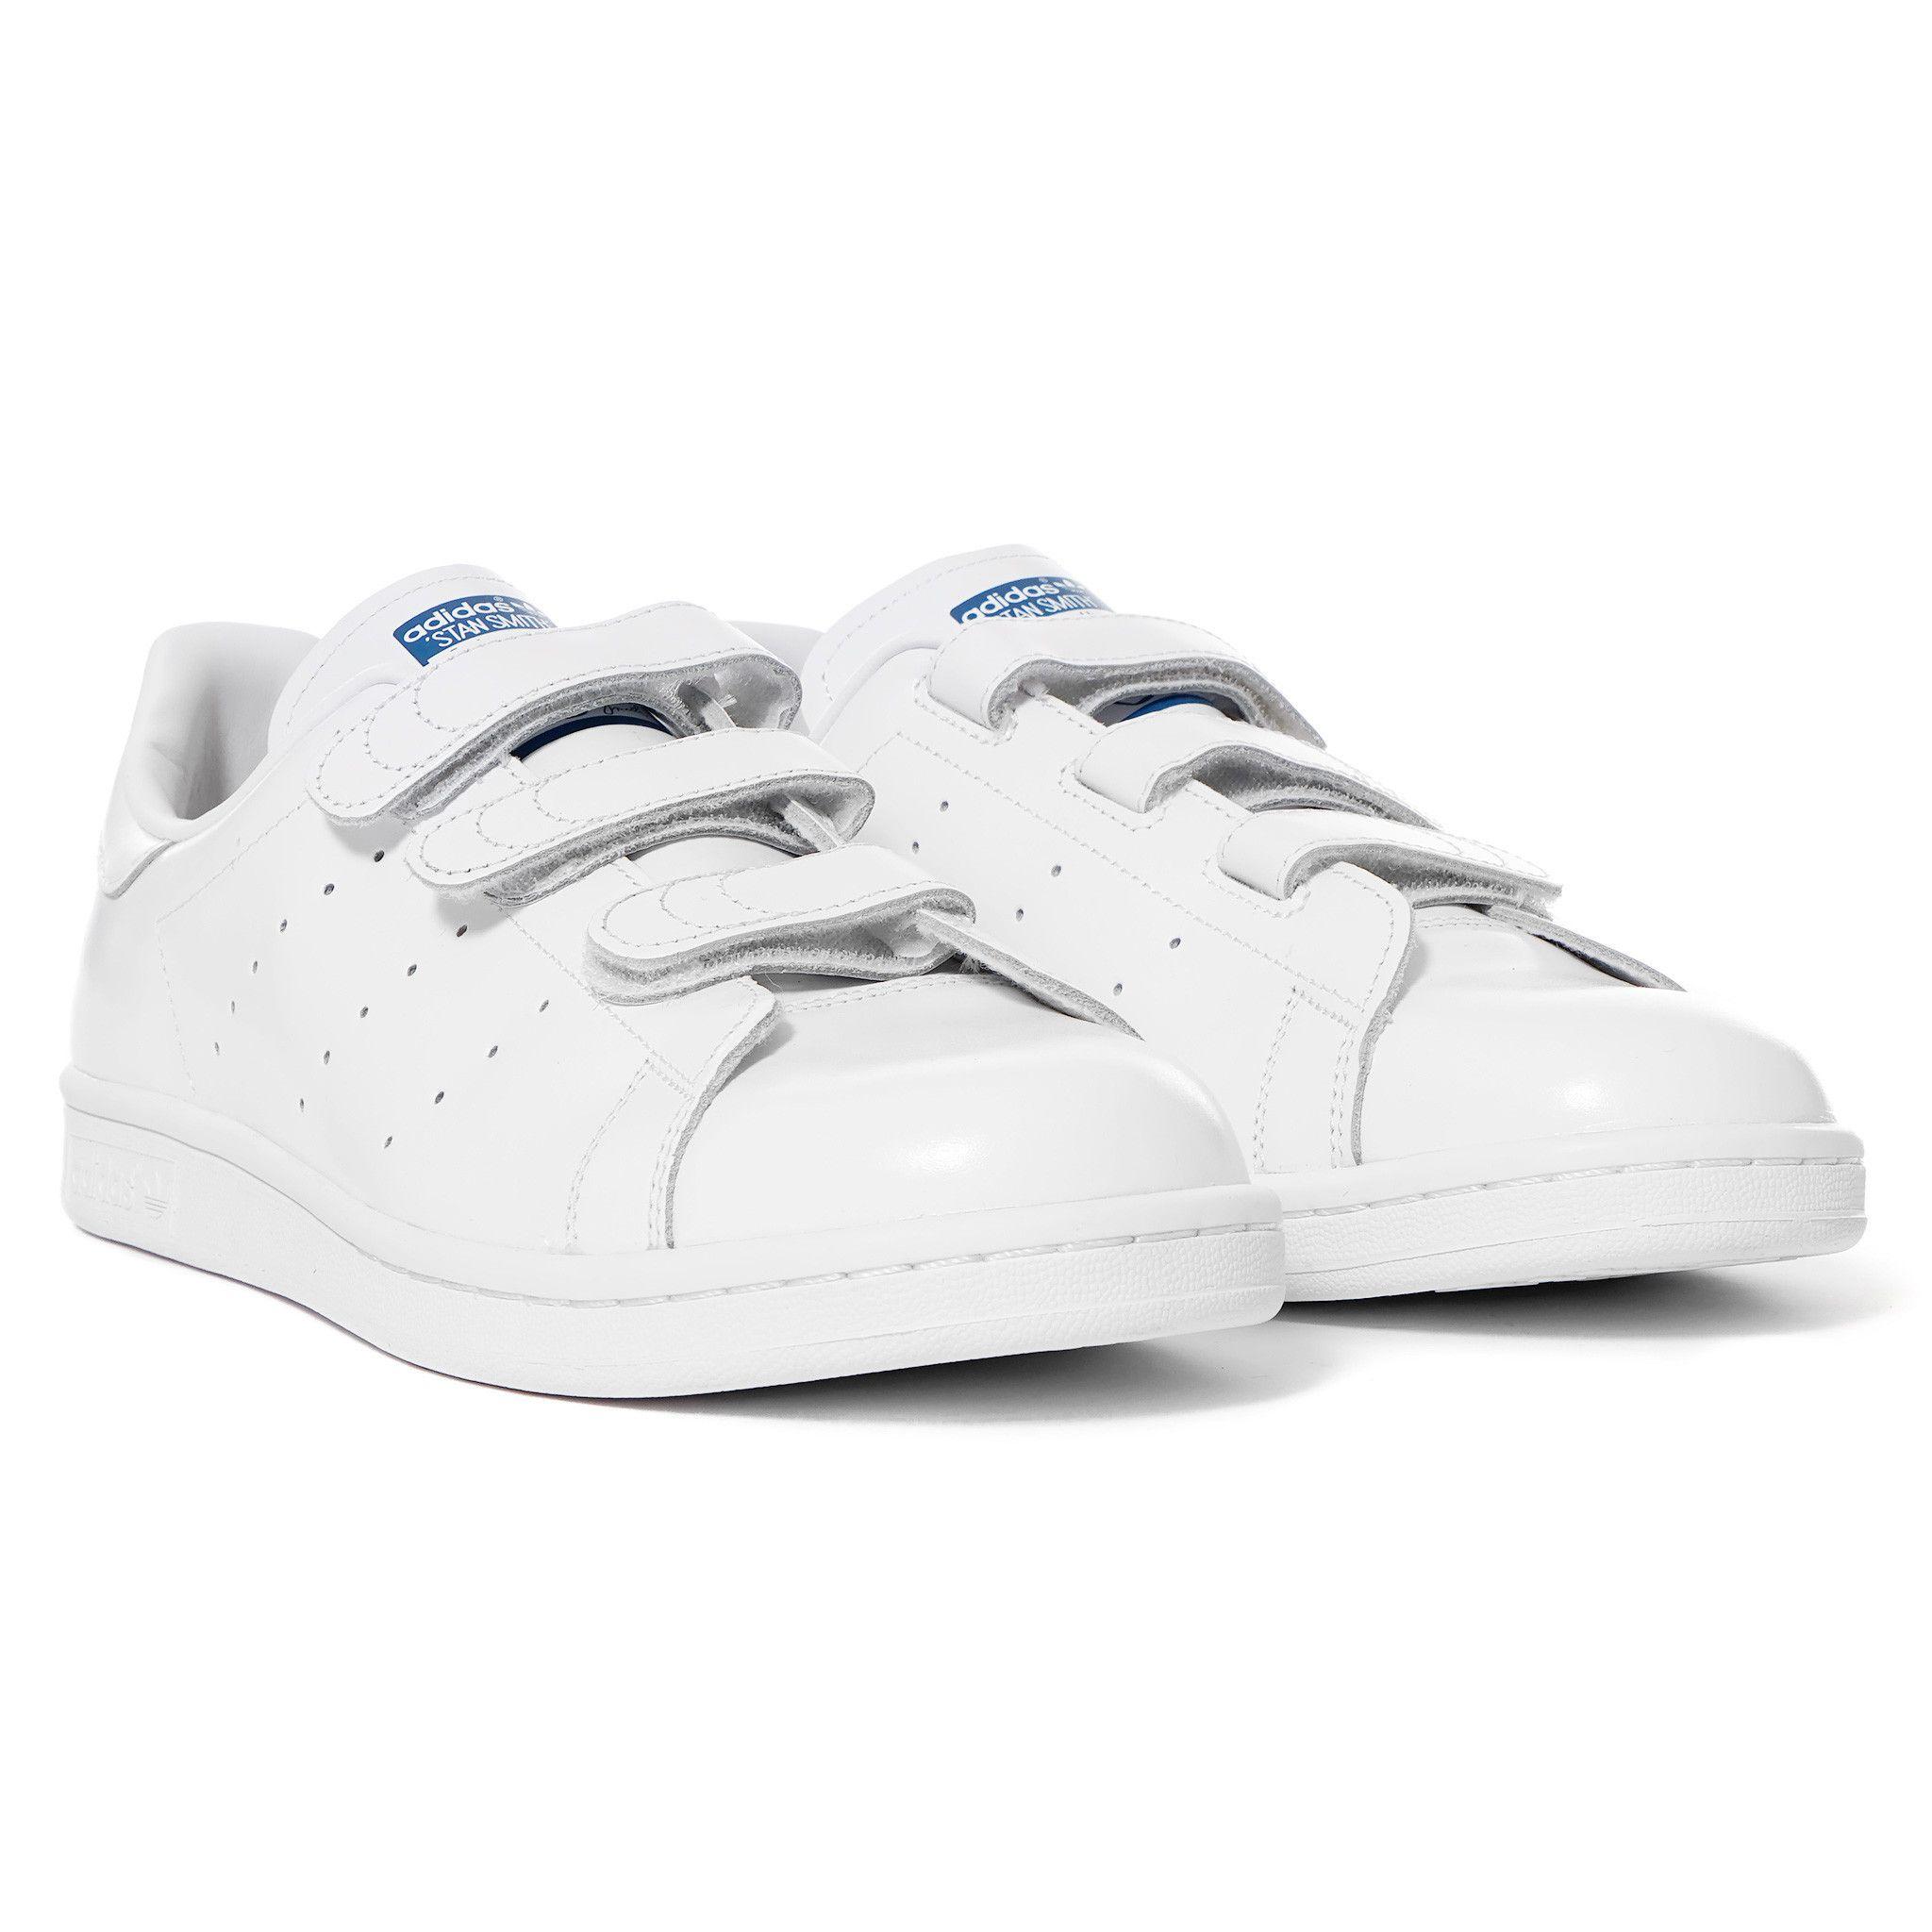 save off a01cd e03e6 adidas Originals x ÉDIFICE Stan Smith CF